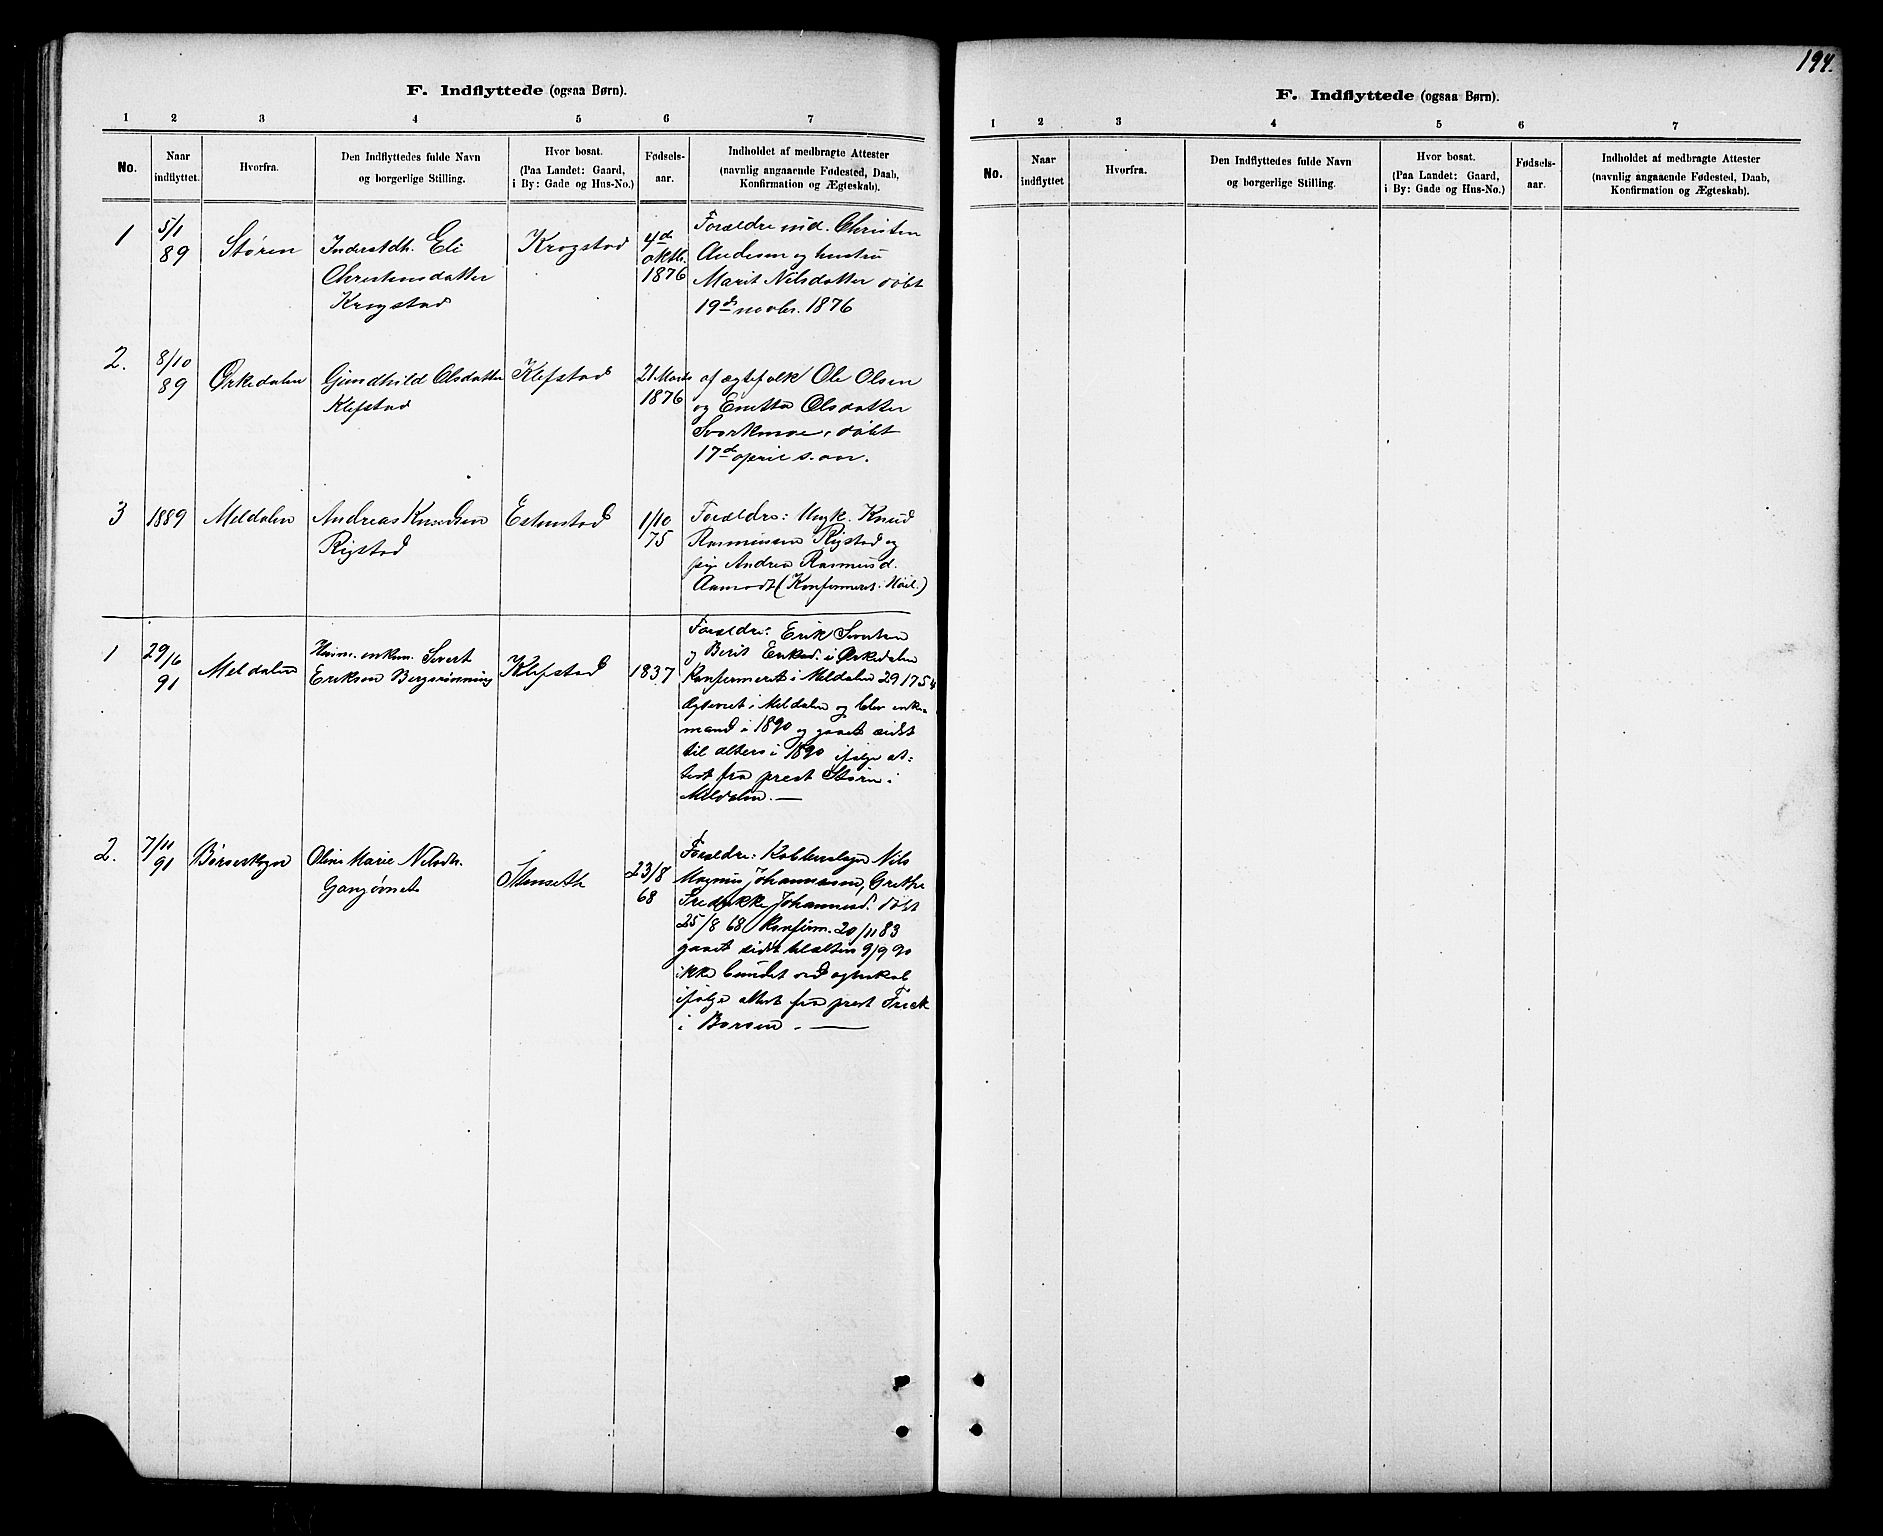 SAT, Ministerialprotokoller, klokkerbøker og fødselsregistre - Sør-Trøndelag, 694/L1132: Klokkerbok nr. 694C04, 1887-1914, s. 194